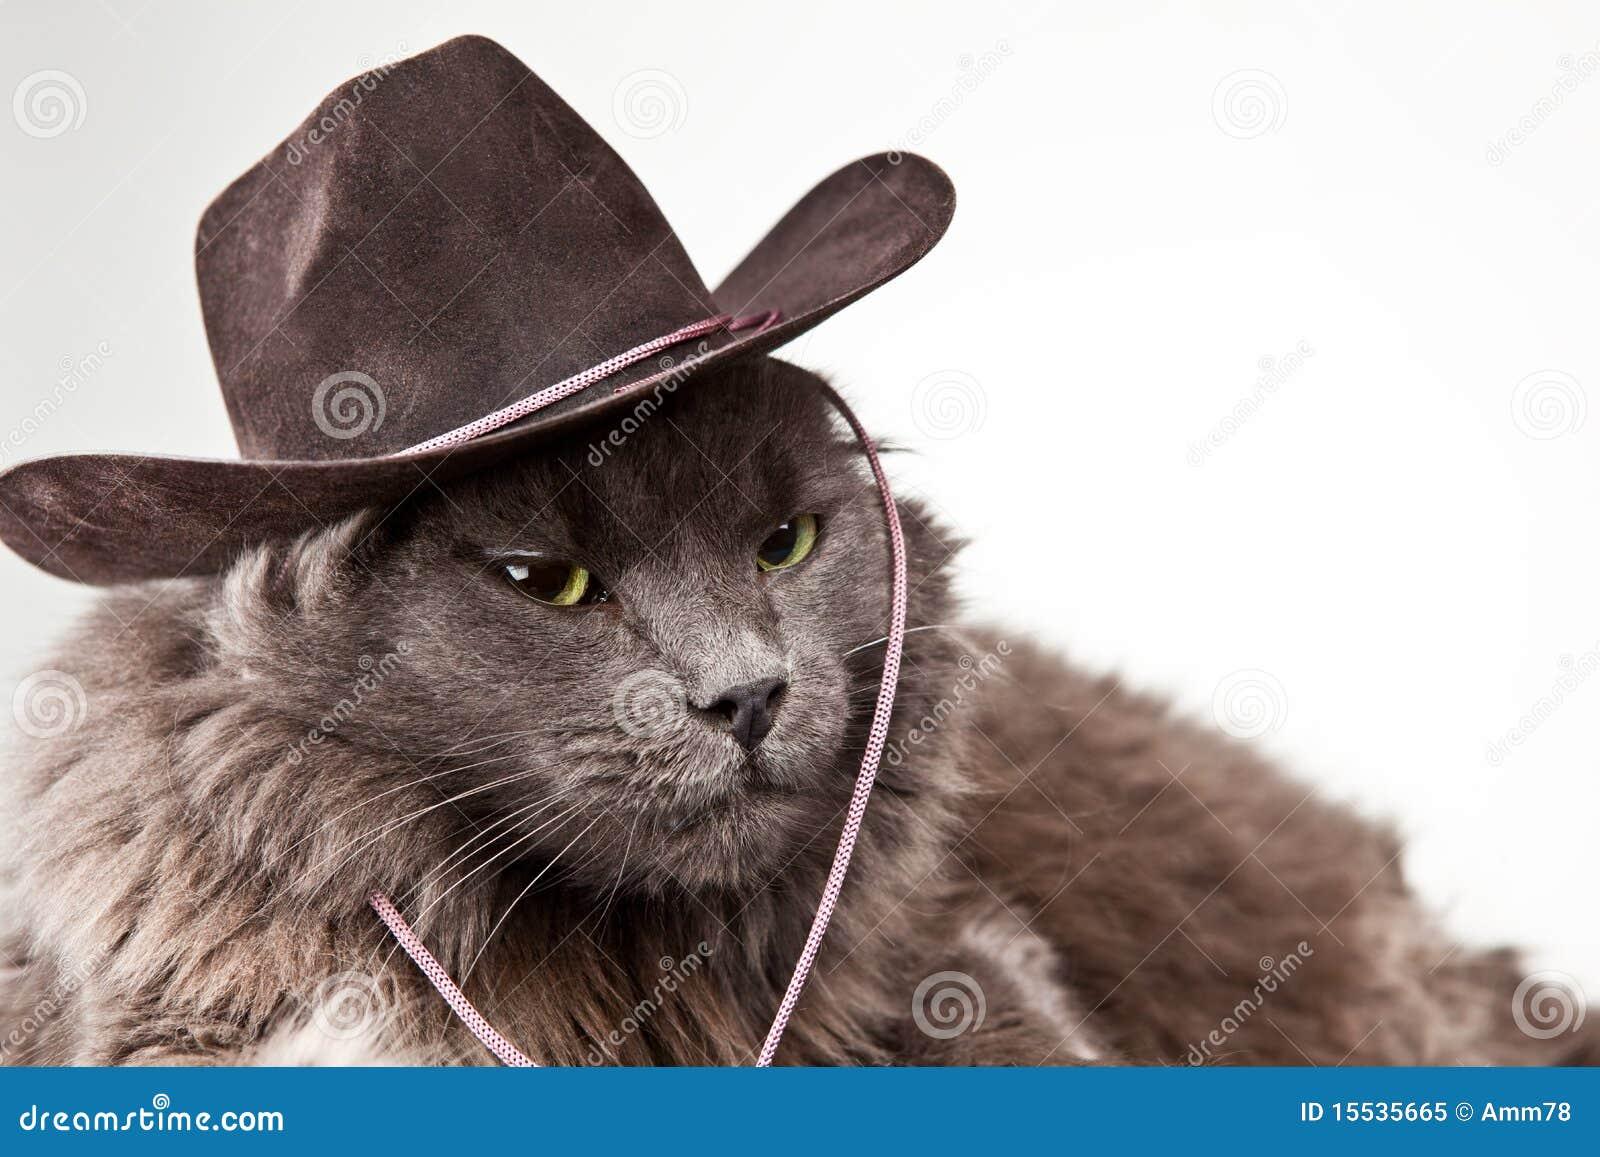 Fuzzy Cat Wearing Hat